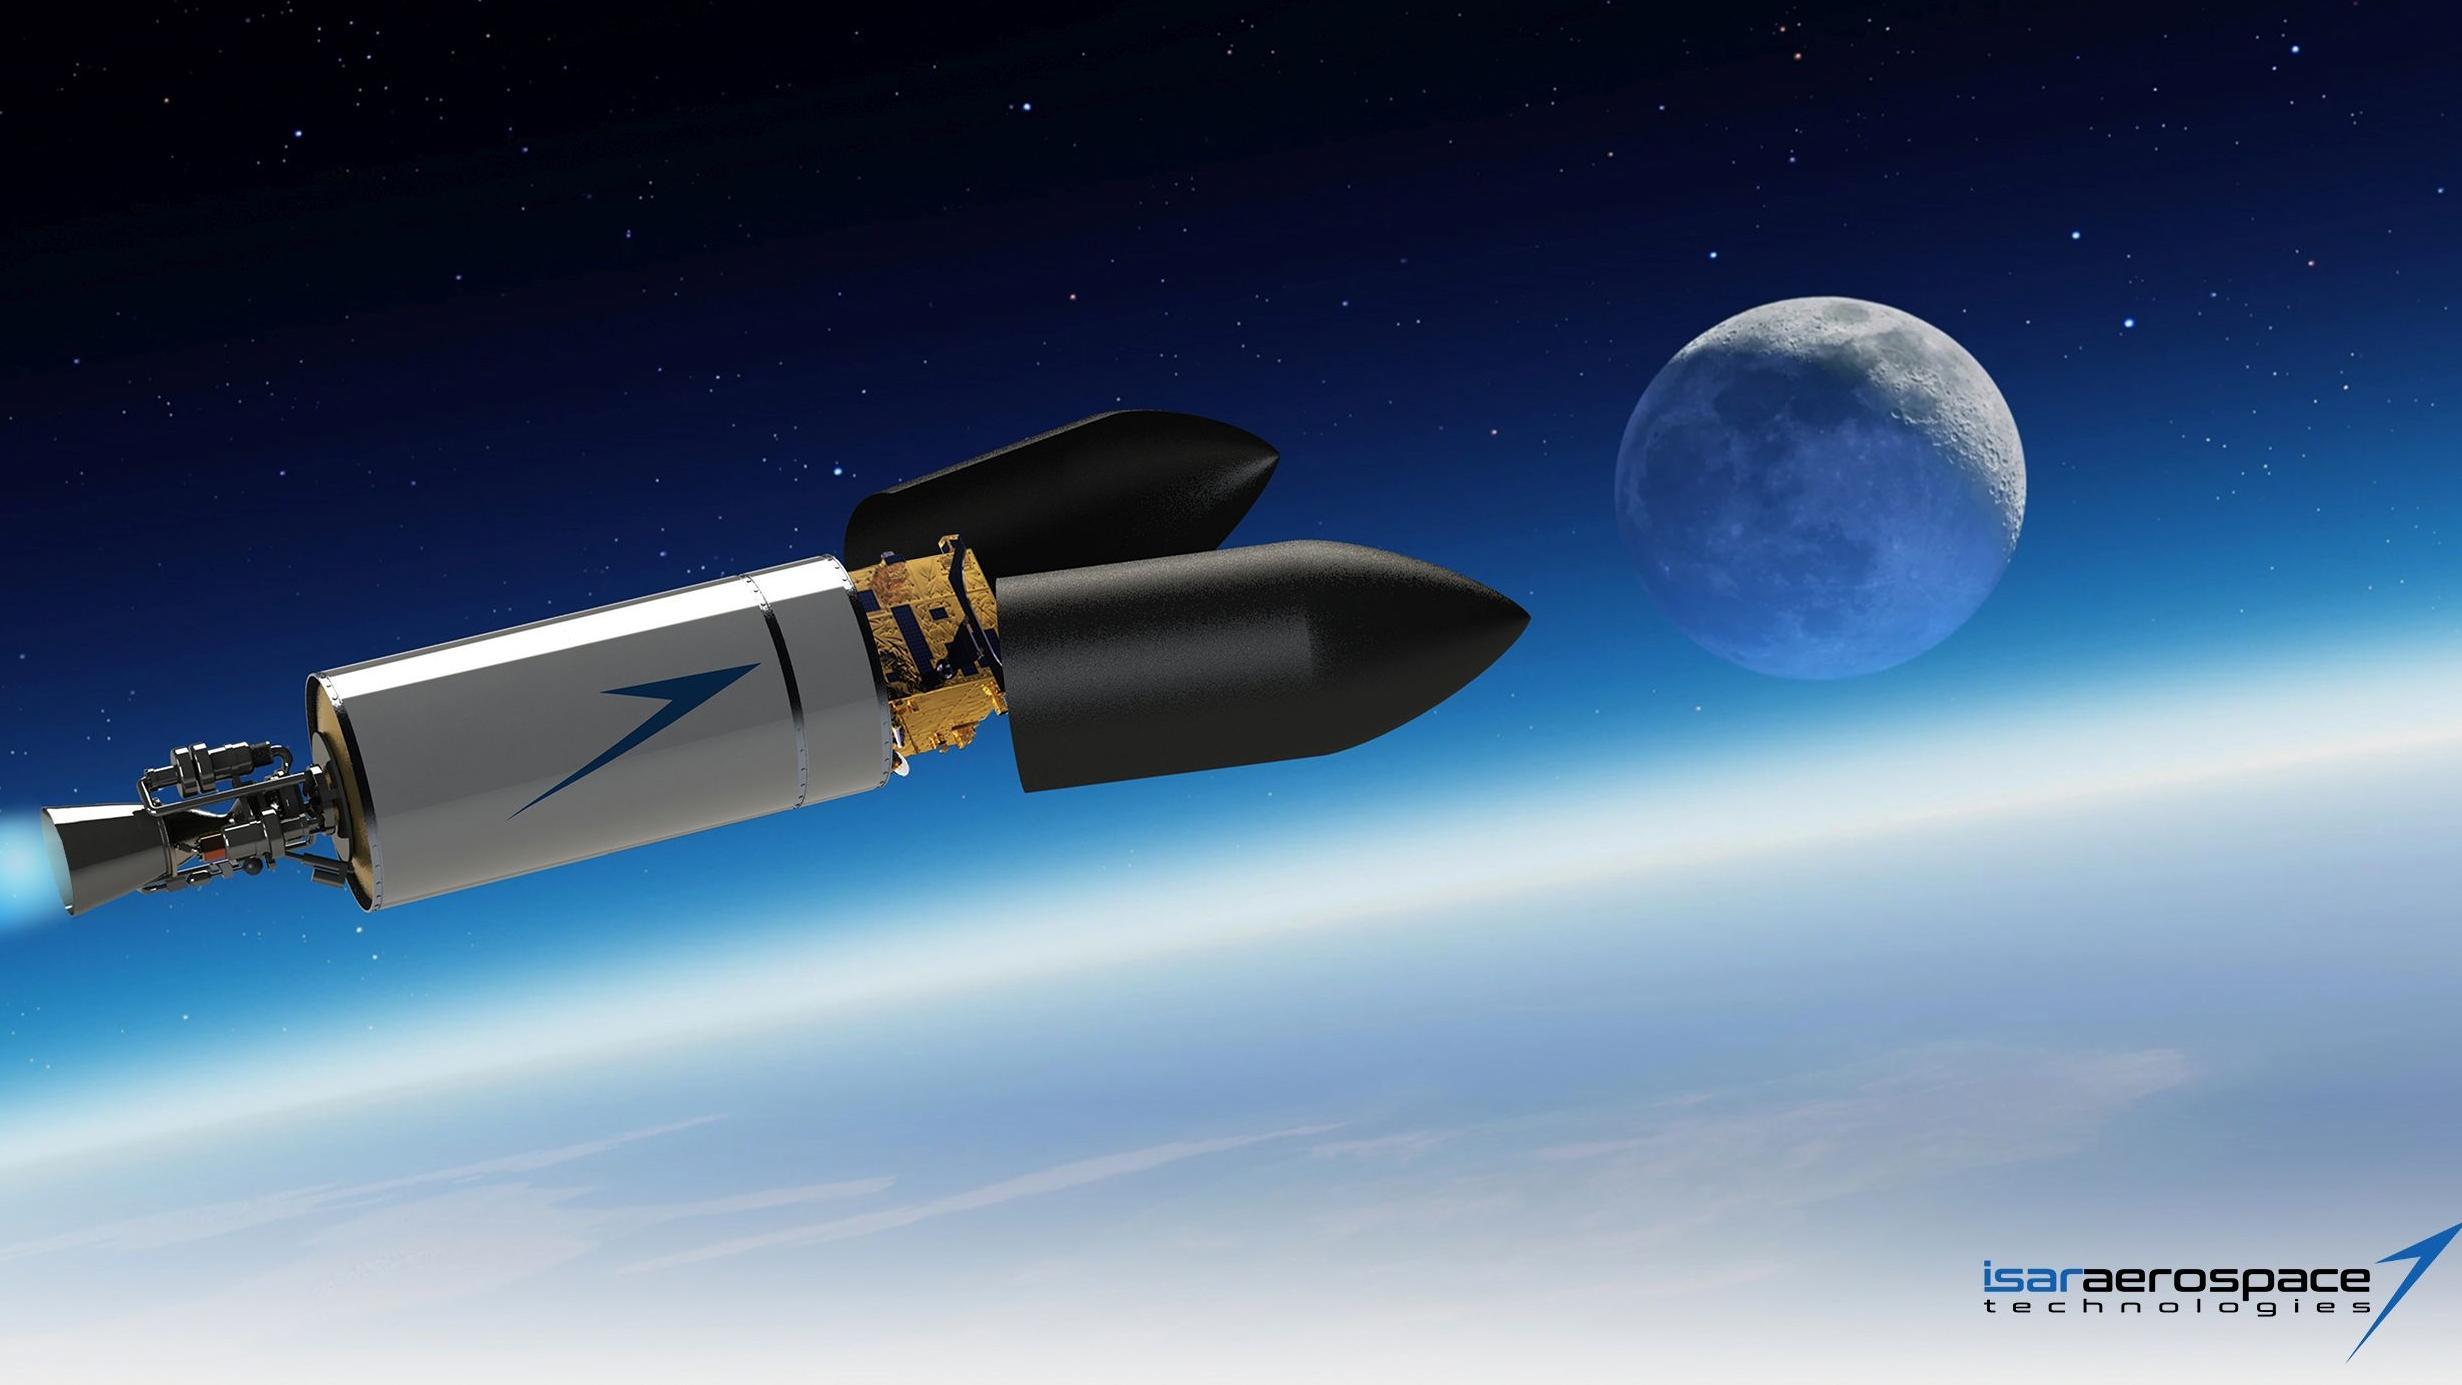 Grafik der Rakete der Münchner Isar Aerospace